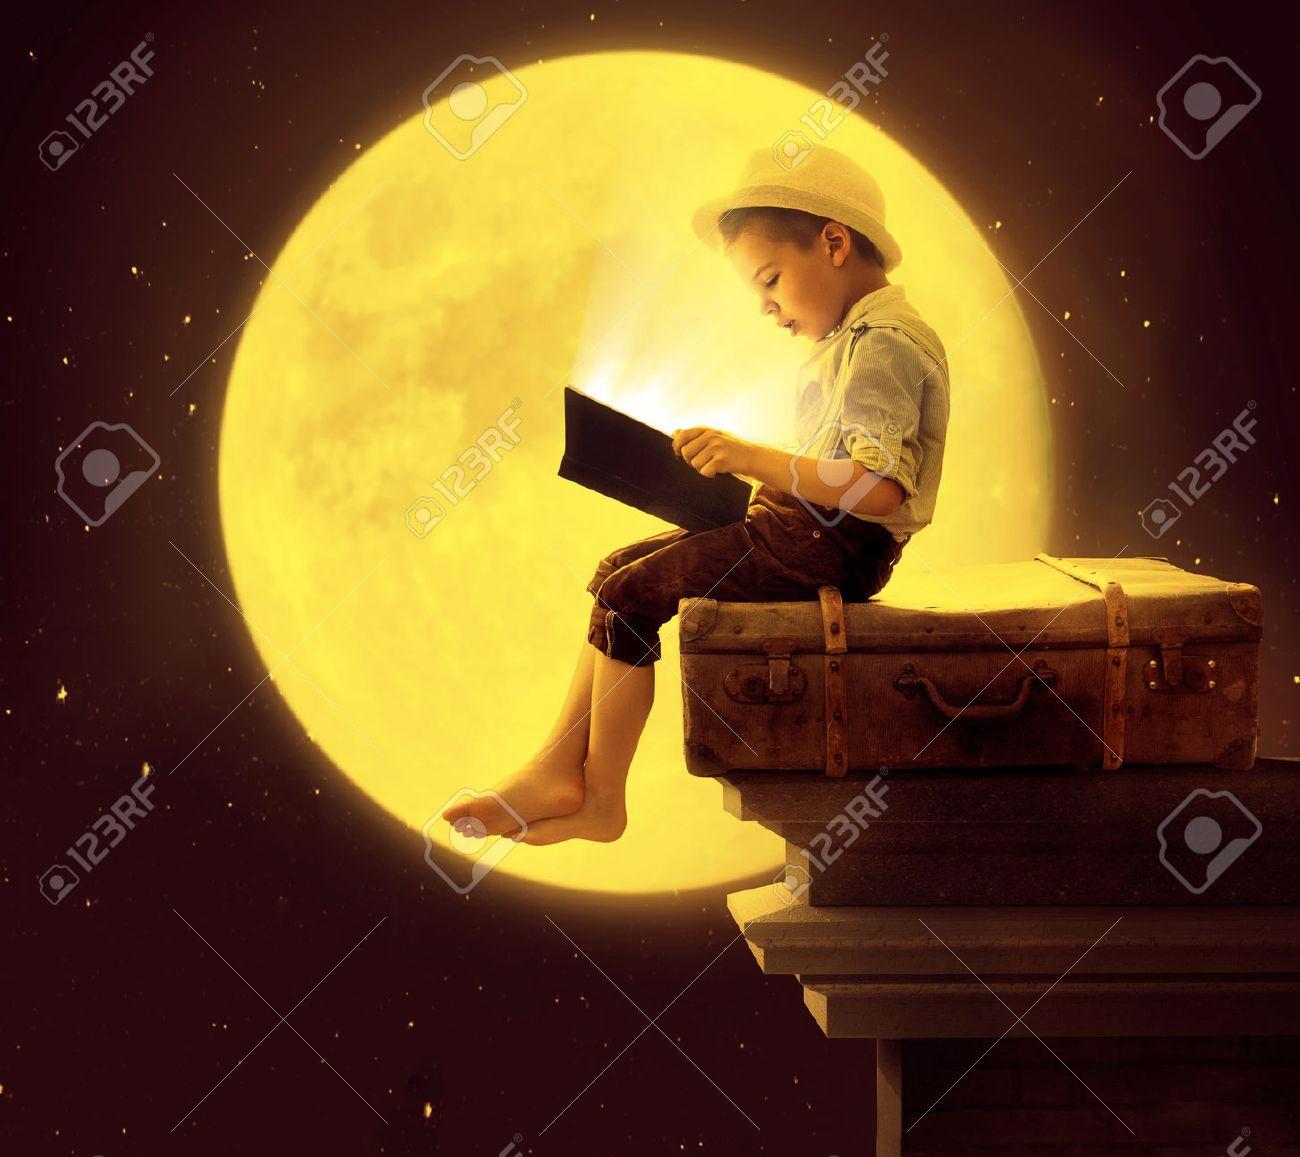 Bambino sveglio che legge un libro al chiaro di luna Archivio Fotografico - 42115690